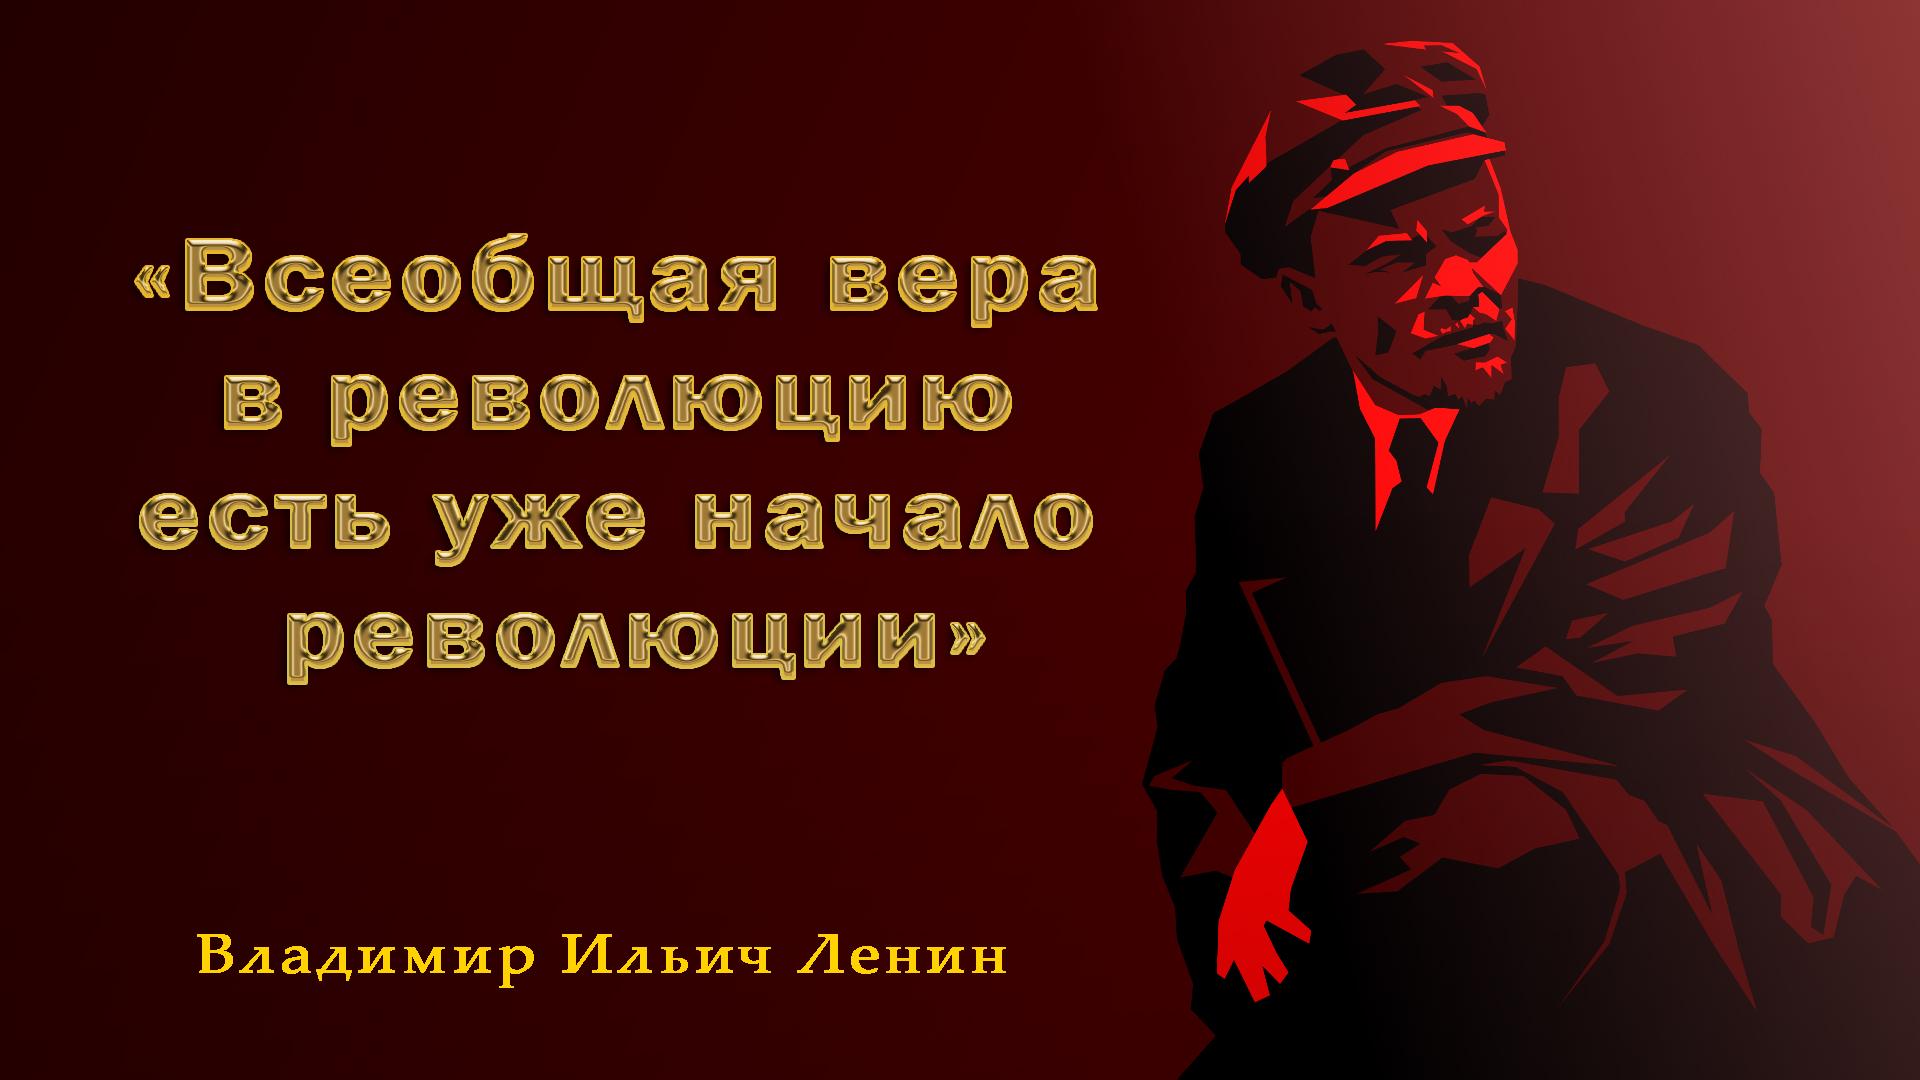 https://images.vfl.ru/ii/1509183365/df5879d4/19176558.jpg height=911 height=518